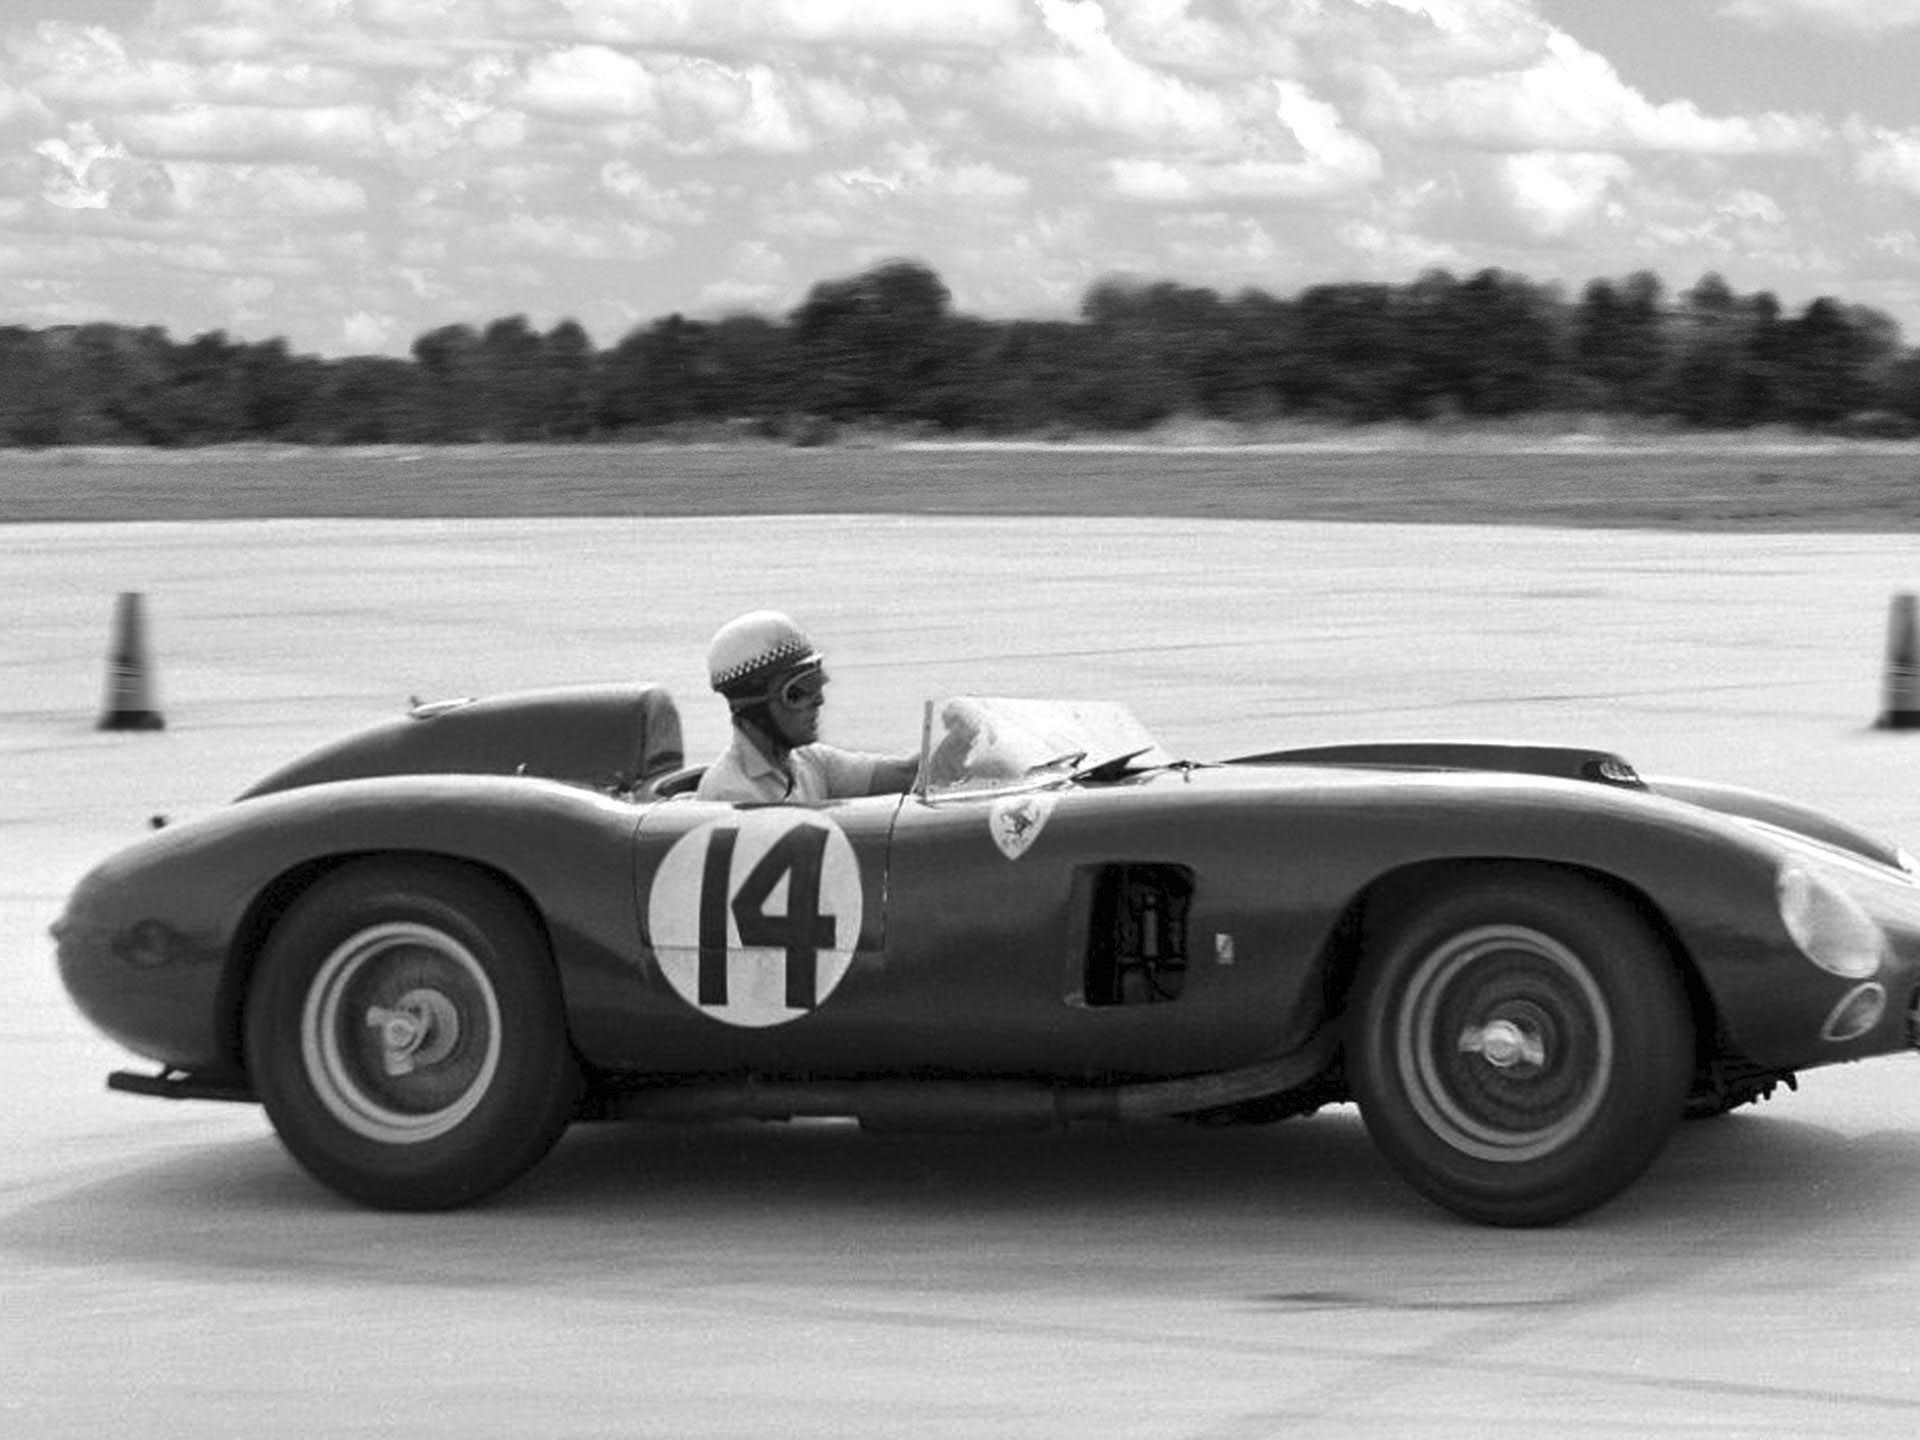 1956 Ferrari 290 MM by Scaglietti vintage profile photo